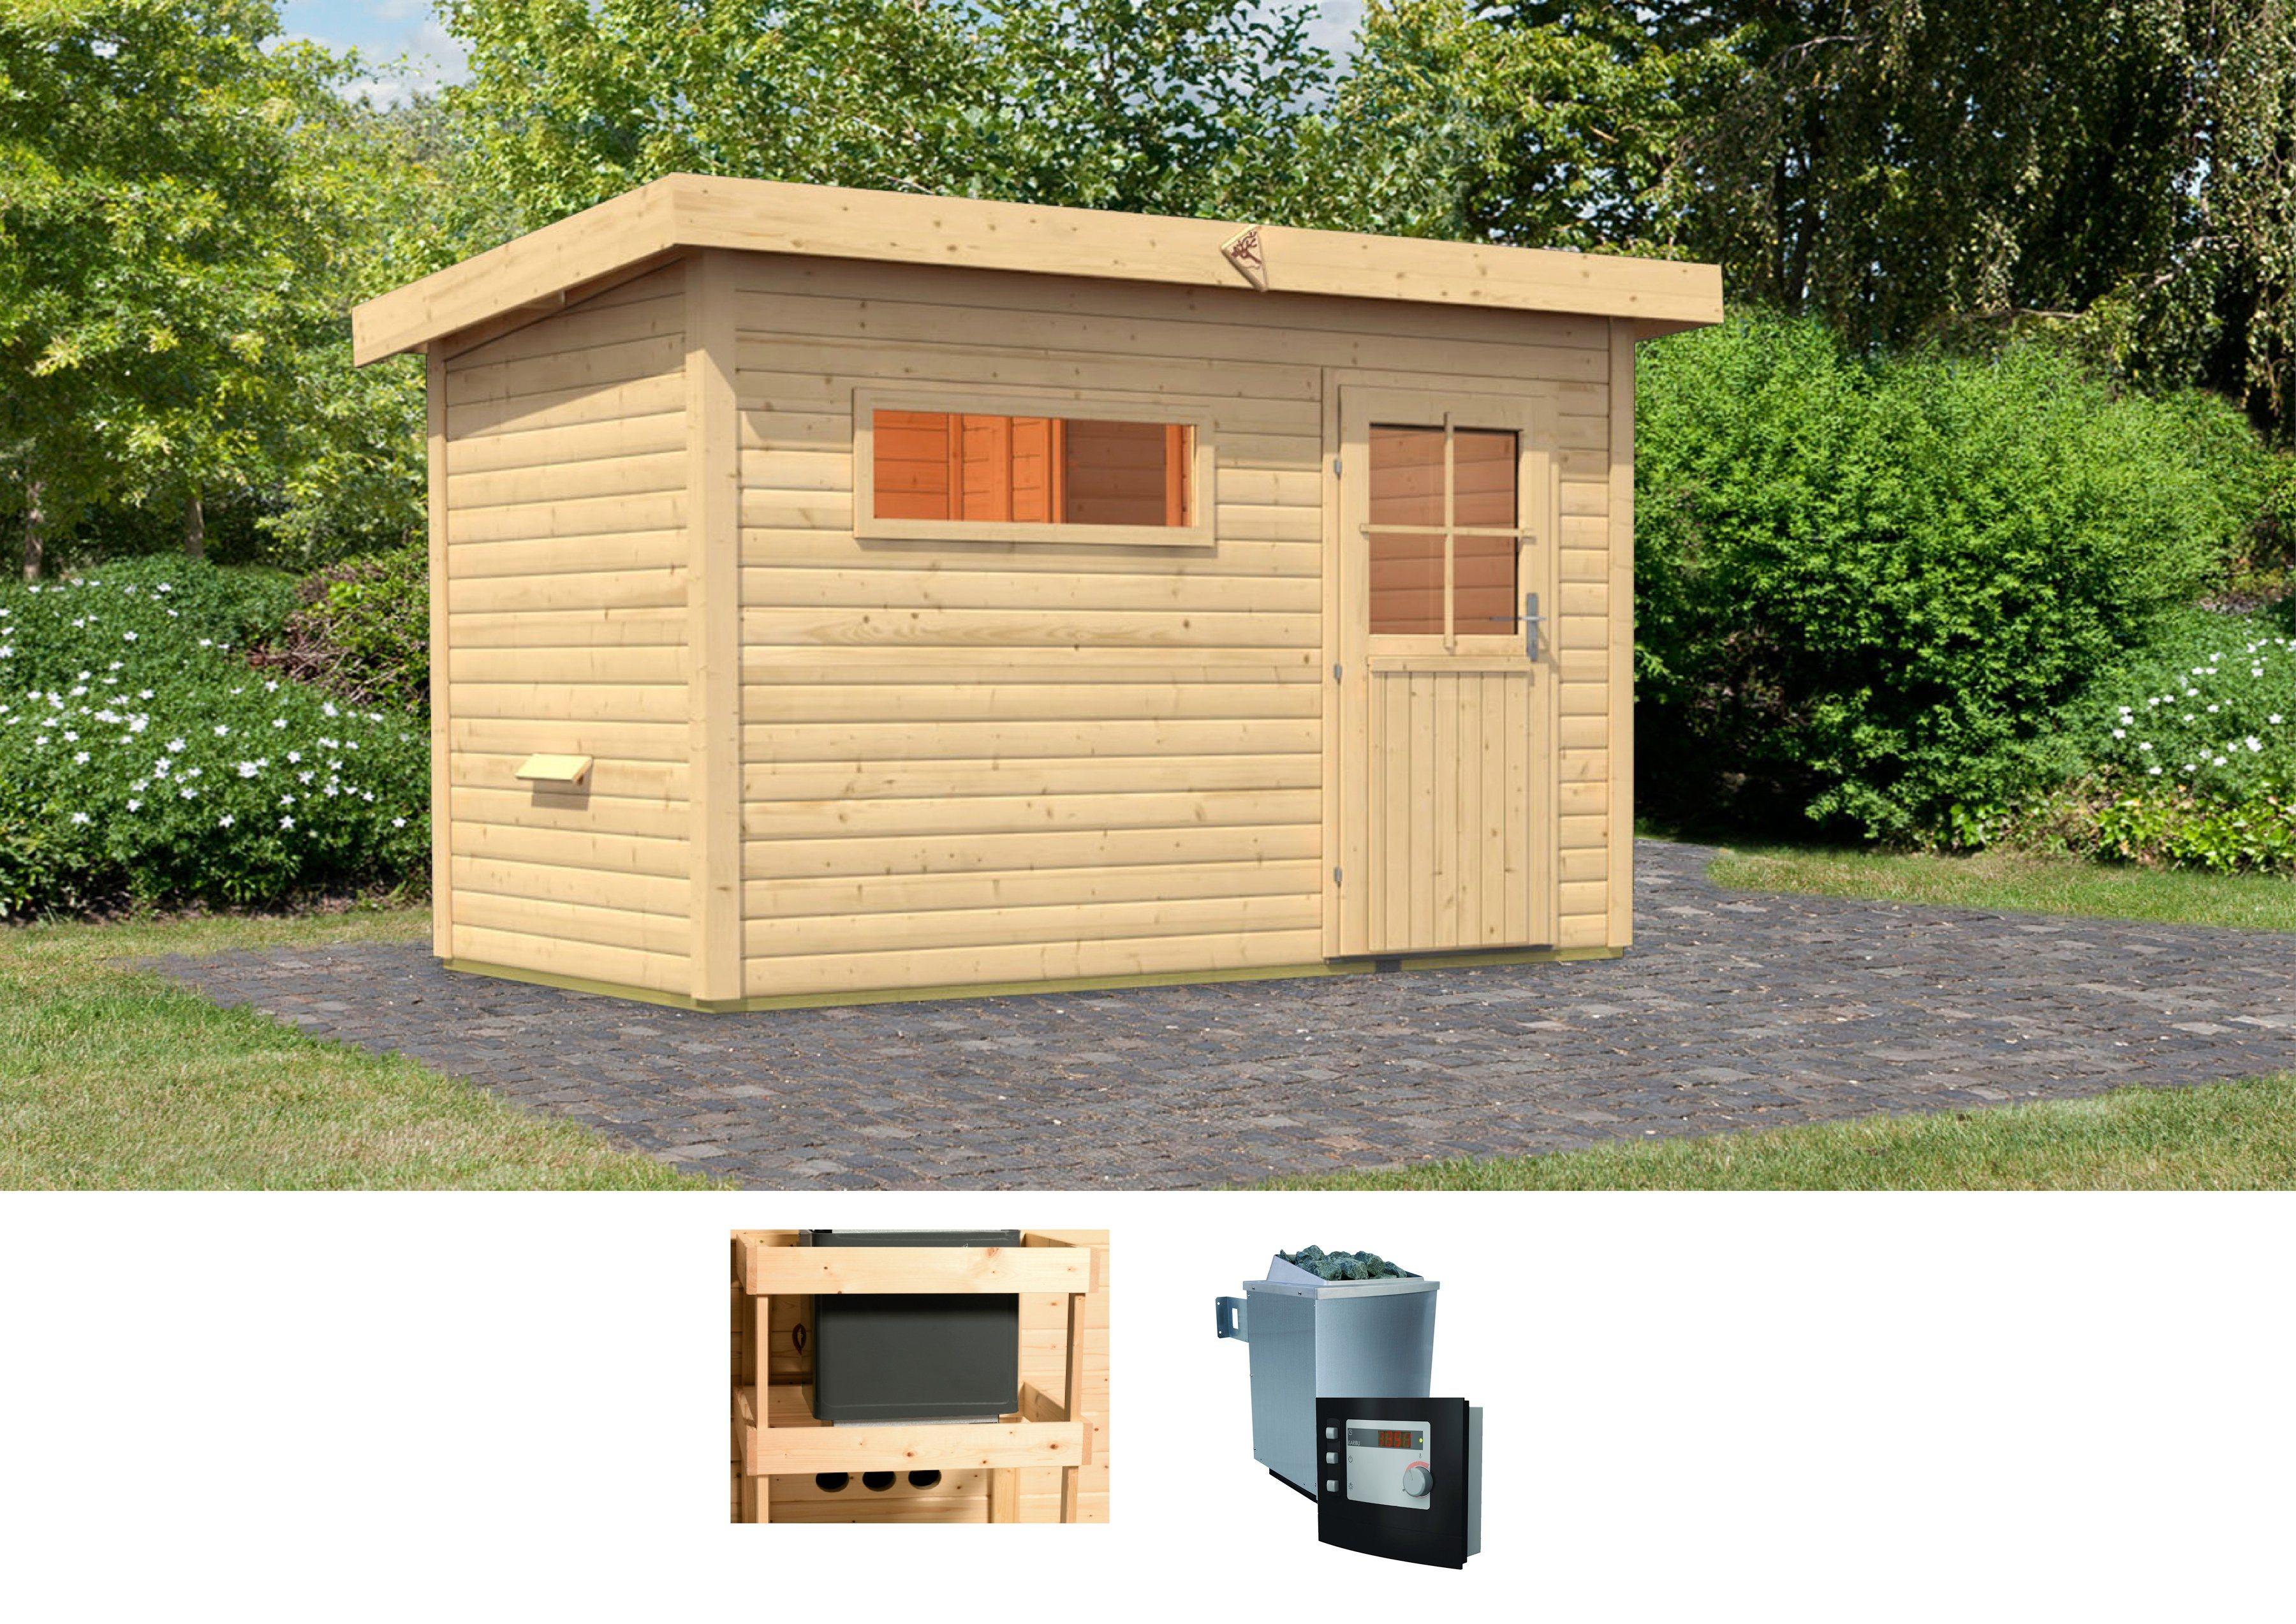 KARIBU Saunahaus »Uwe 1«, 337/196/228 cm, 9-kW-Ofen mit ext. Steuerung | Baumarkt > Bad und Sanitär > Sauna und Zubehör | Karibu